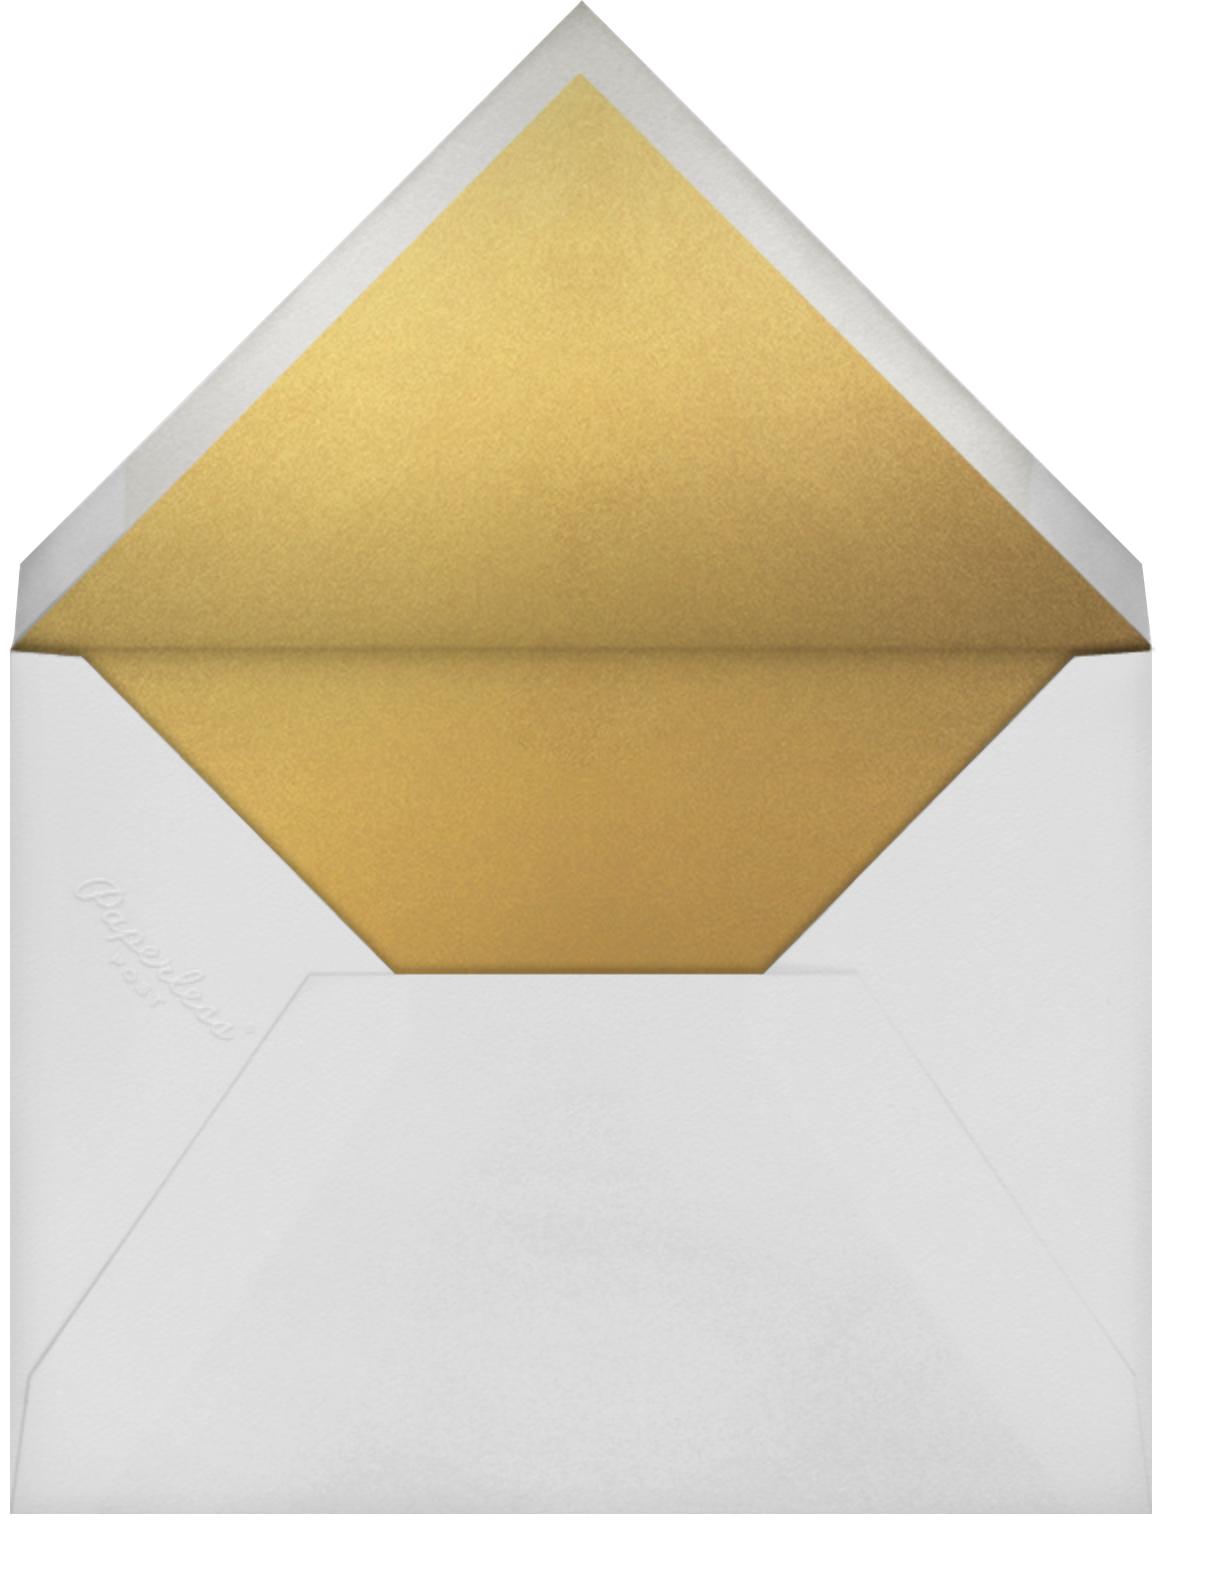 Deanei  - Paperless Post - Rehearsal dinner - envelope back